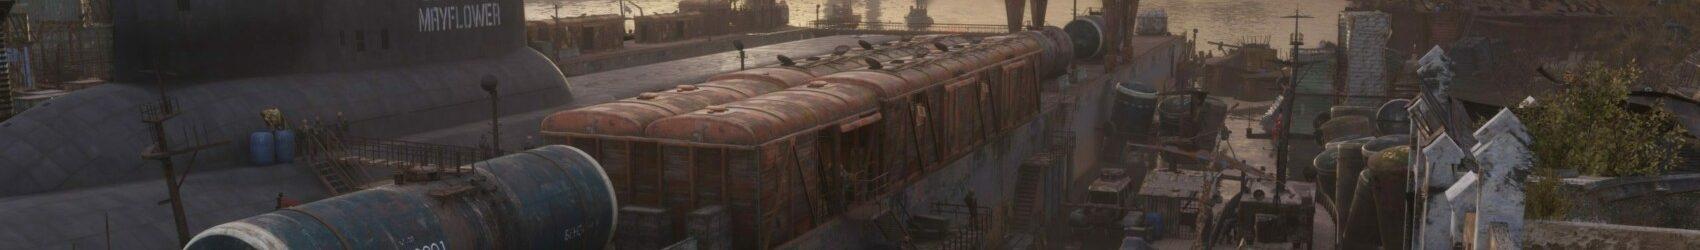 Вышел трейлер игры с разрушенным Владивостоком